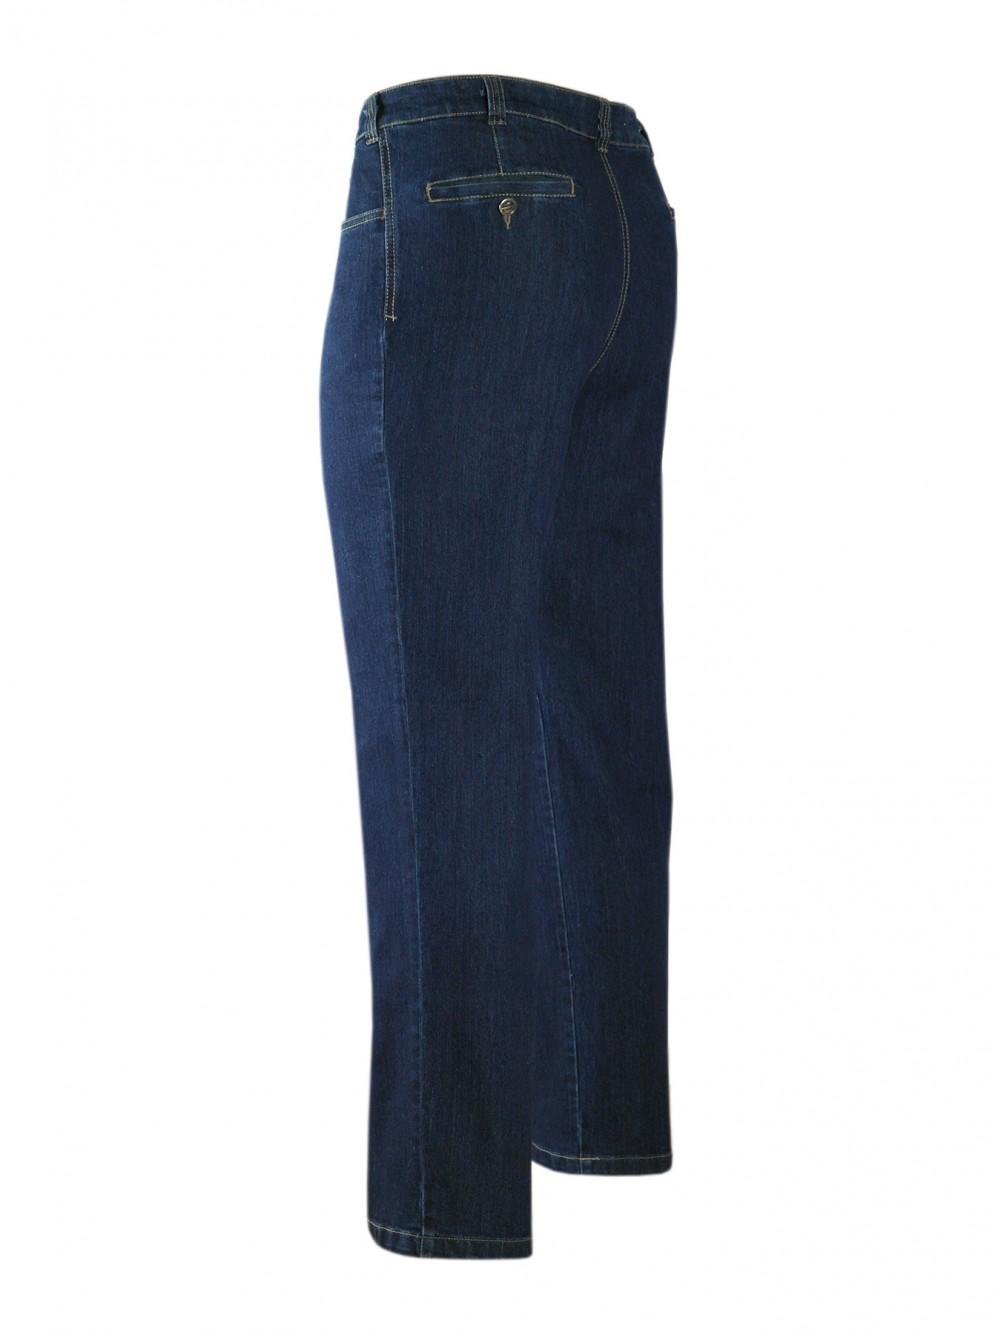 Stretch-Jeans, modische Stretchhosen für Herren - Blue/Seitenansicht